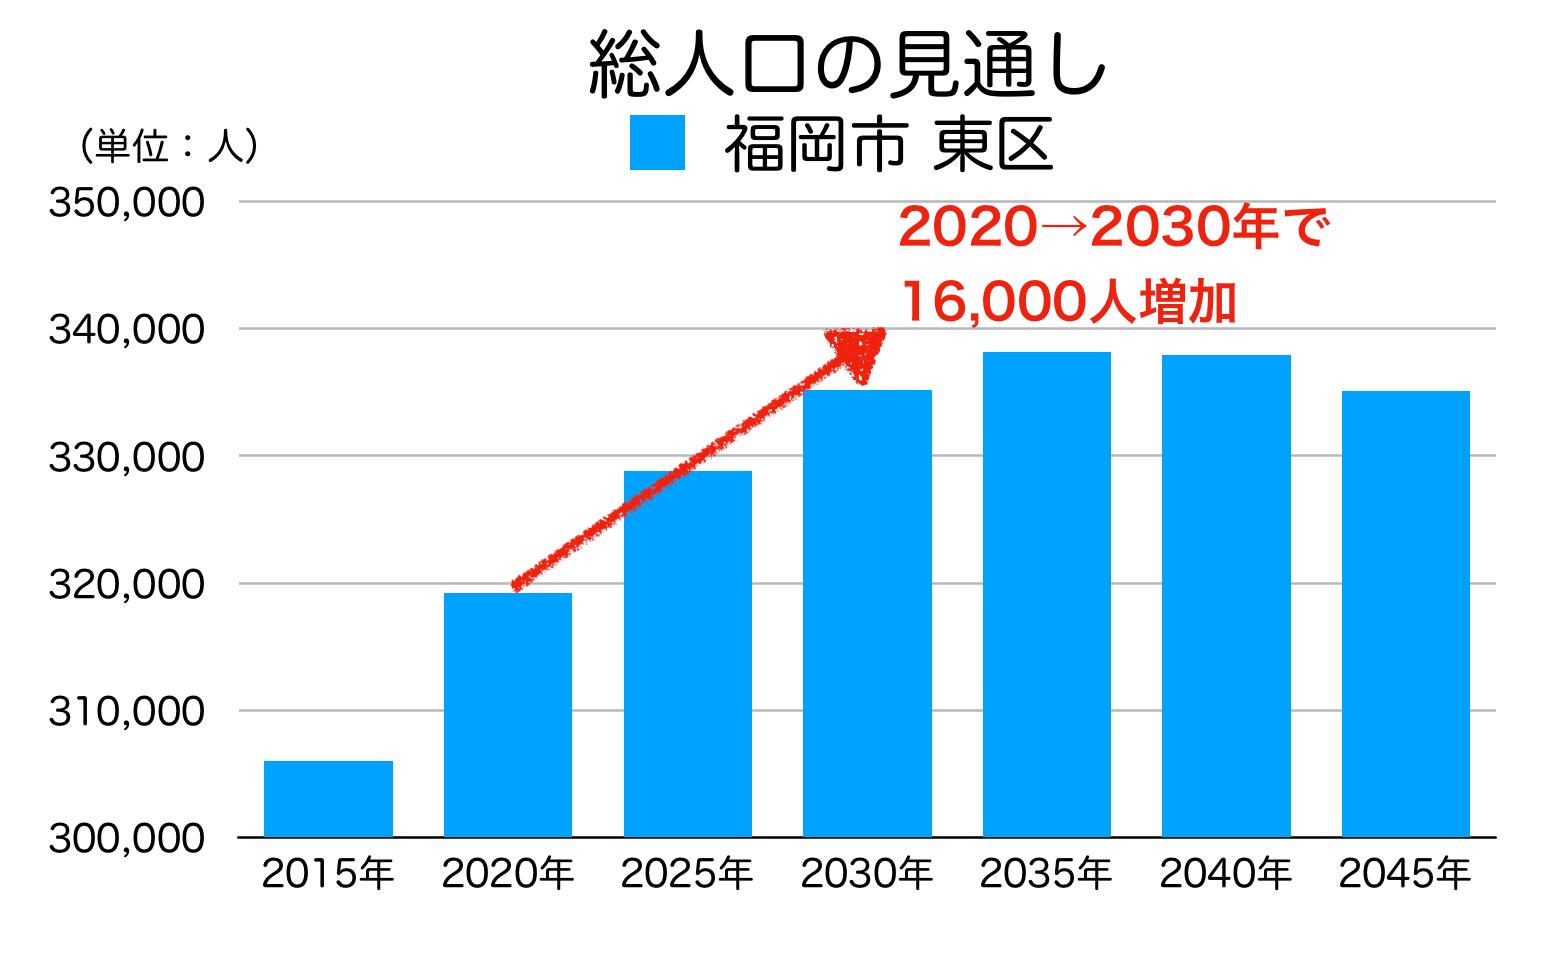 福岡市東区の人口予測